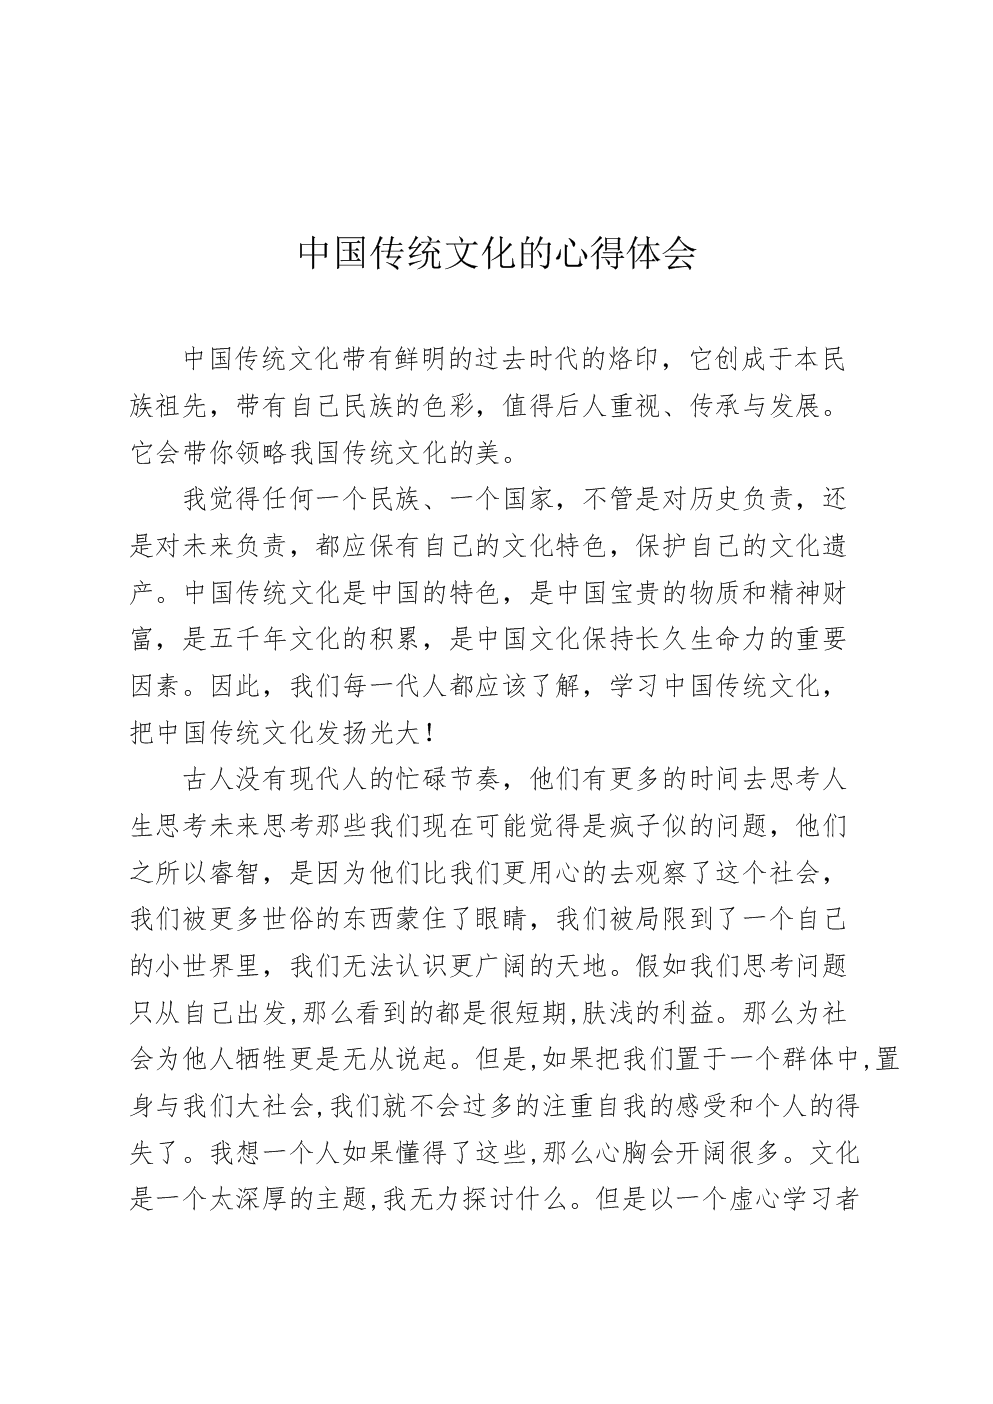 中国传统文化的心得体会.doc